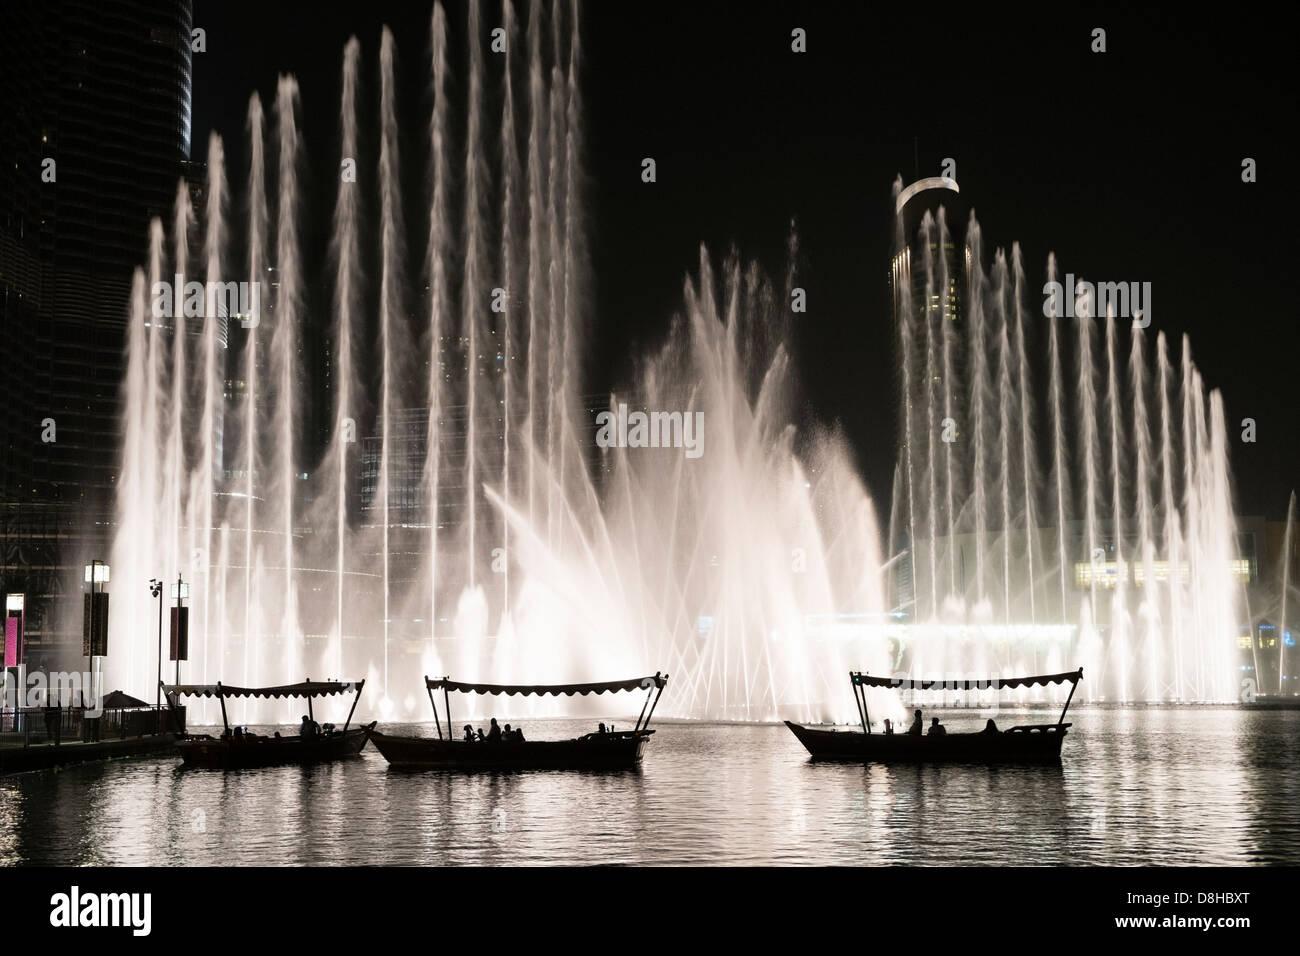 De petites embarcations transportant les touristes à regarder la fontaine de Dubaï au centre commercial Photo Stock